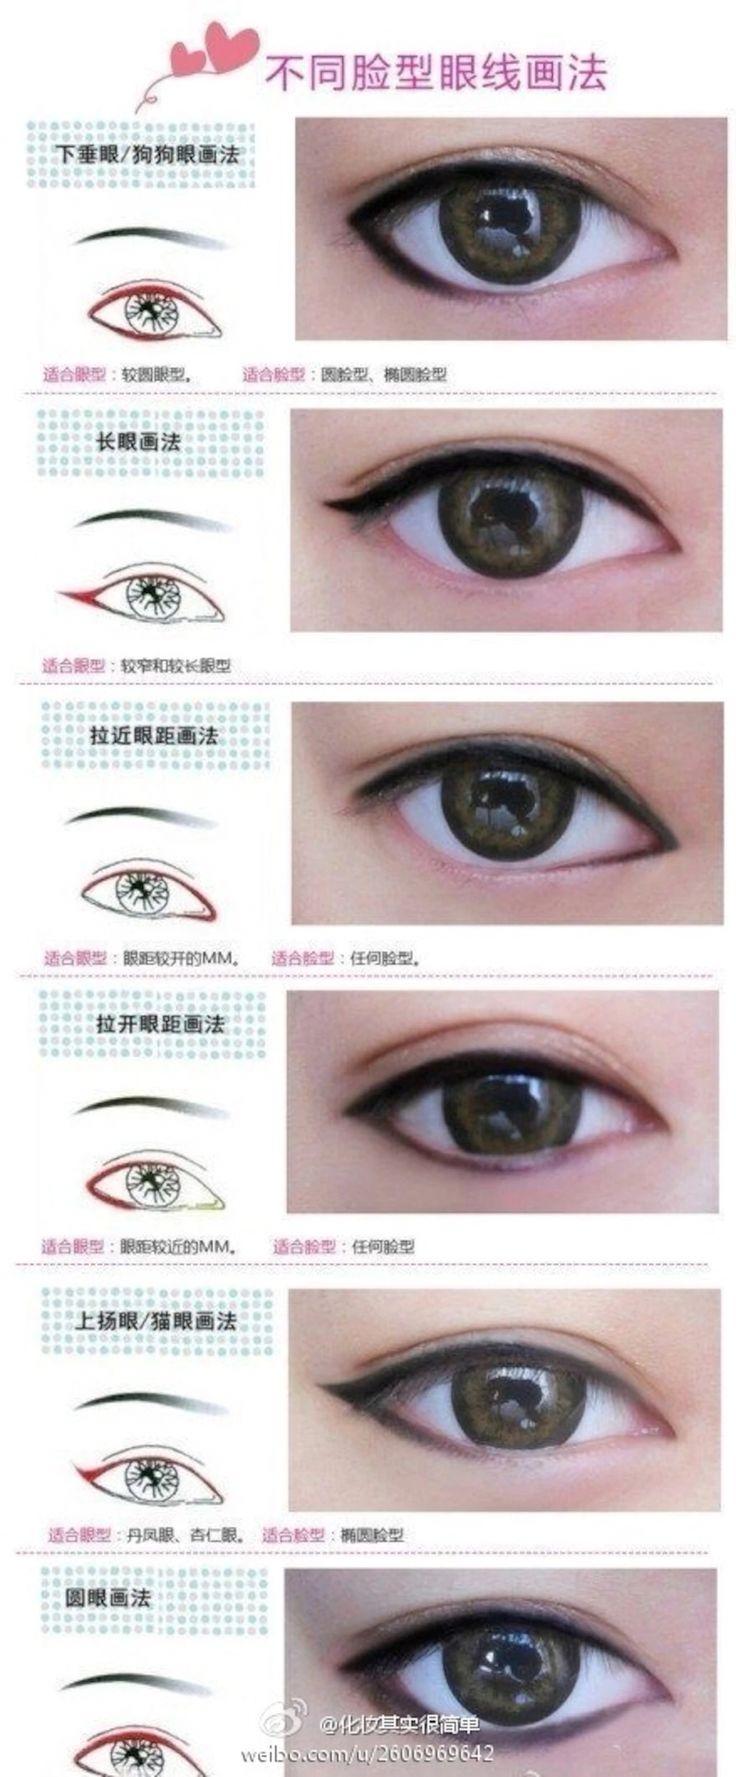 Eyes Makeup Makeup Pinterest Make Up Eye And Makeup